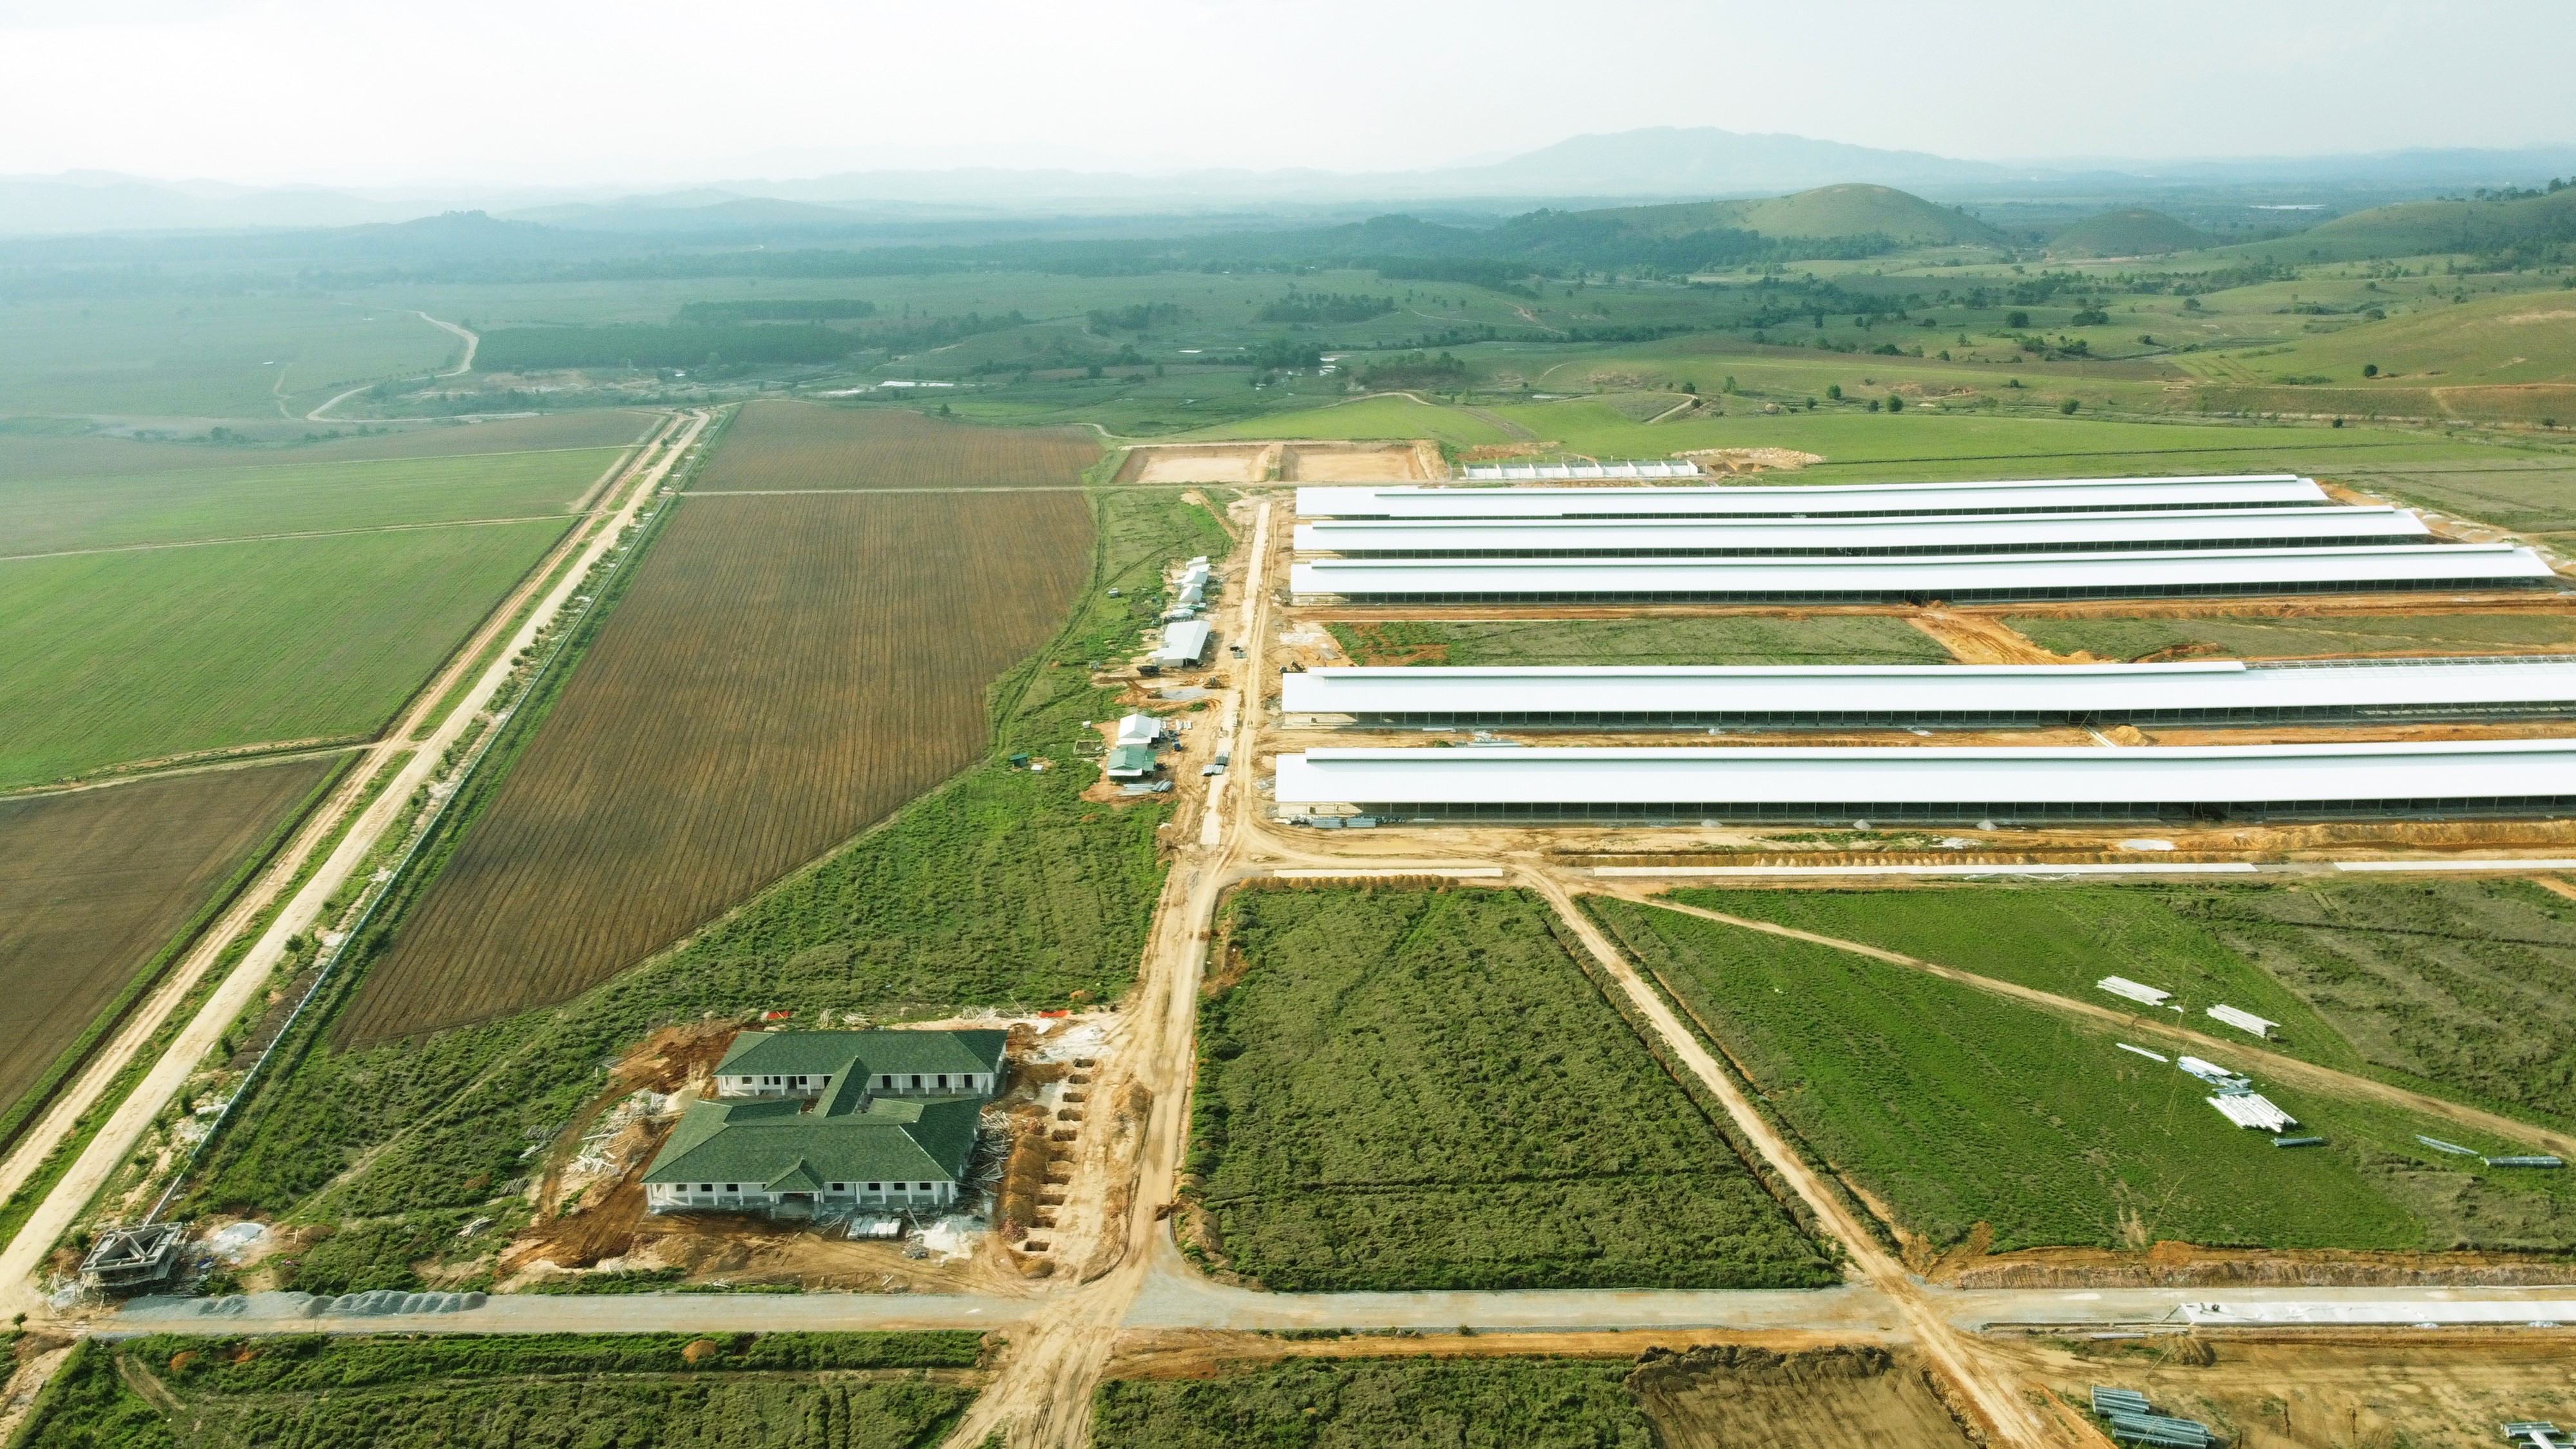 Tổ hợp trang trại bò sữa của Vinamilk tại Lào dự kiến đi vào hoạt động từ quý 1/2022